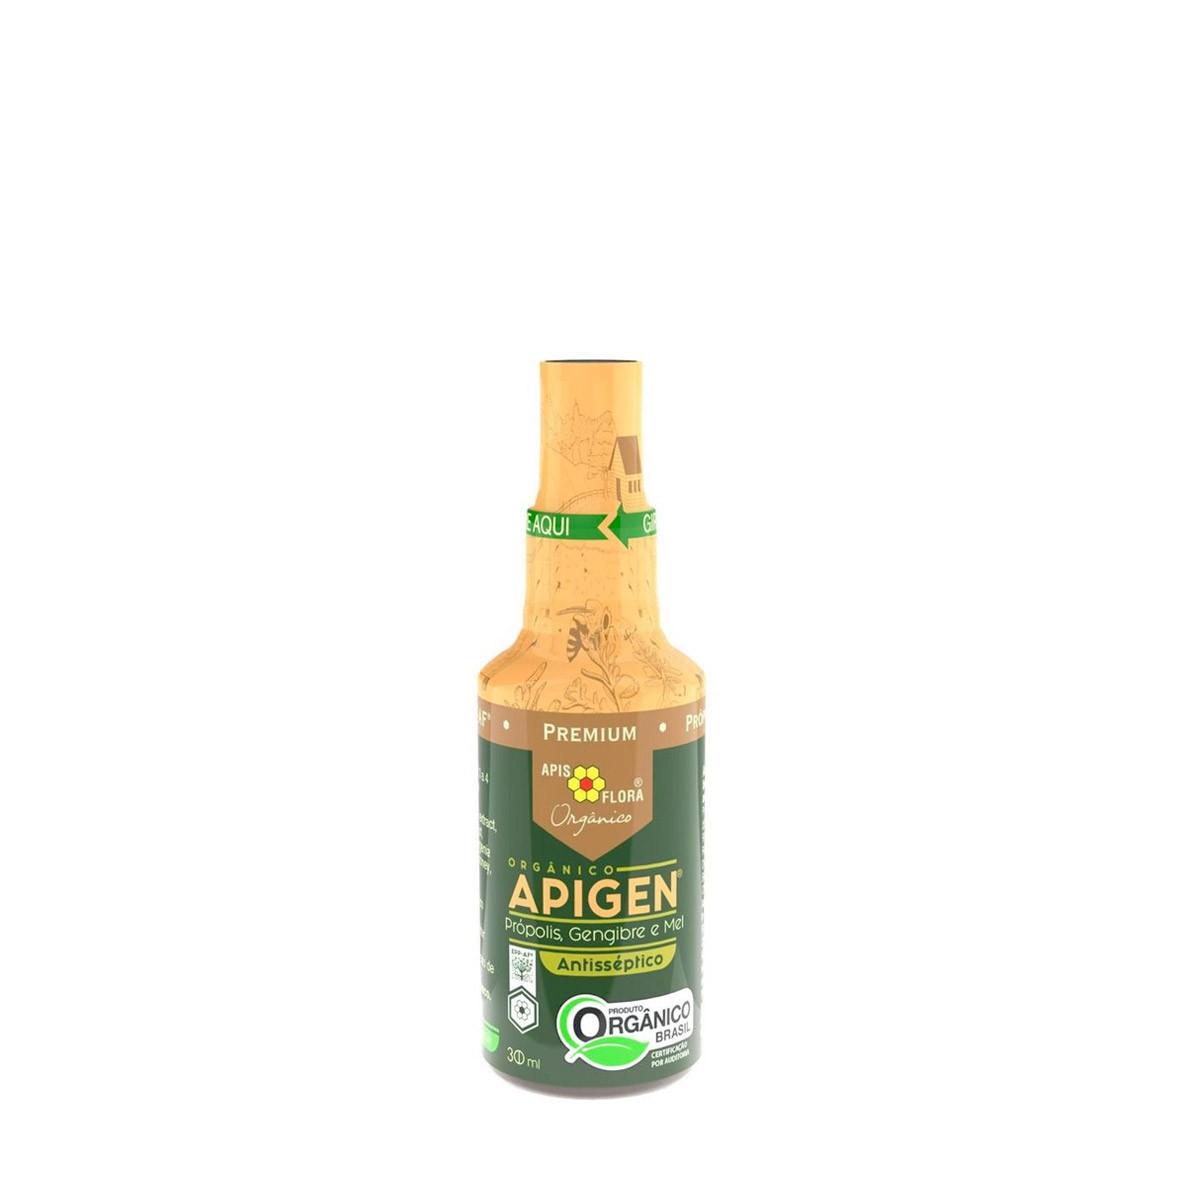 APIGEN Spray Orgânico - Própolis, Mel e Gengibre 30ml